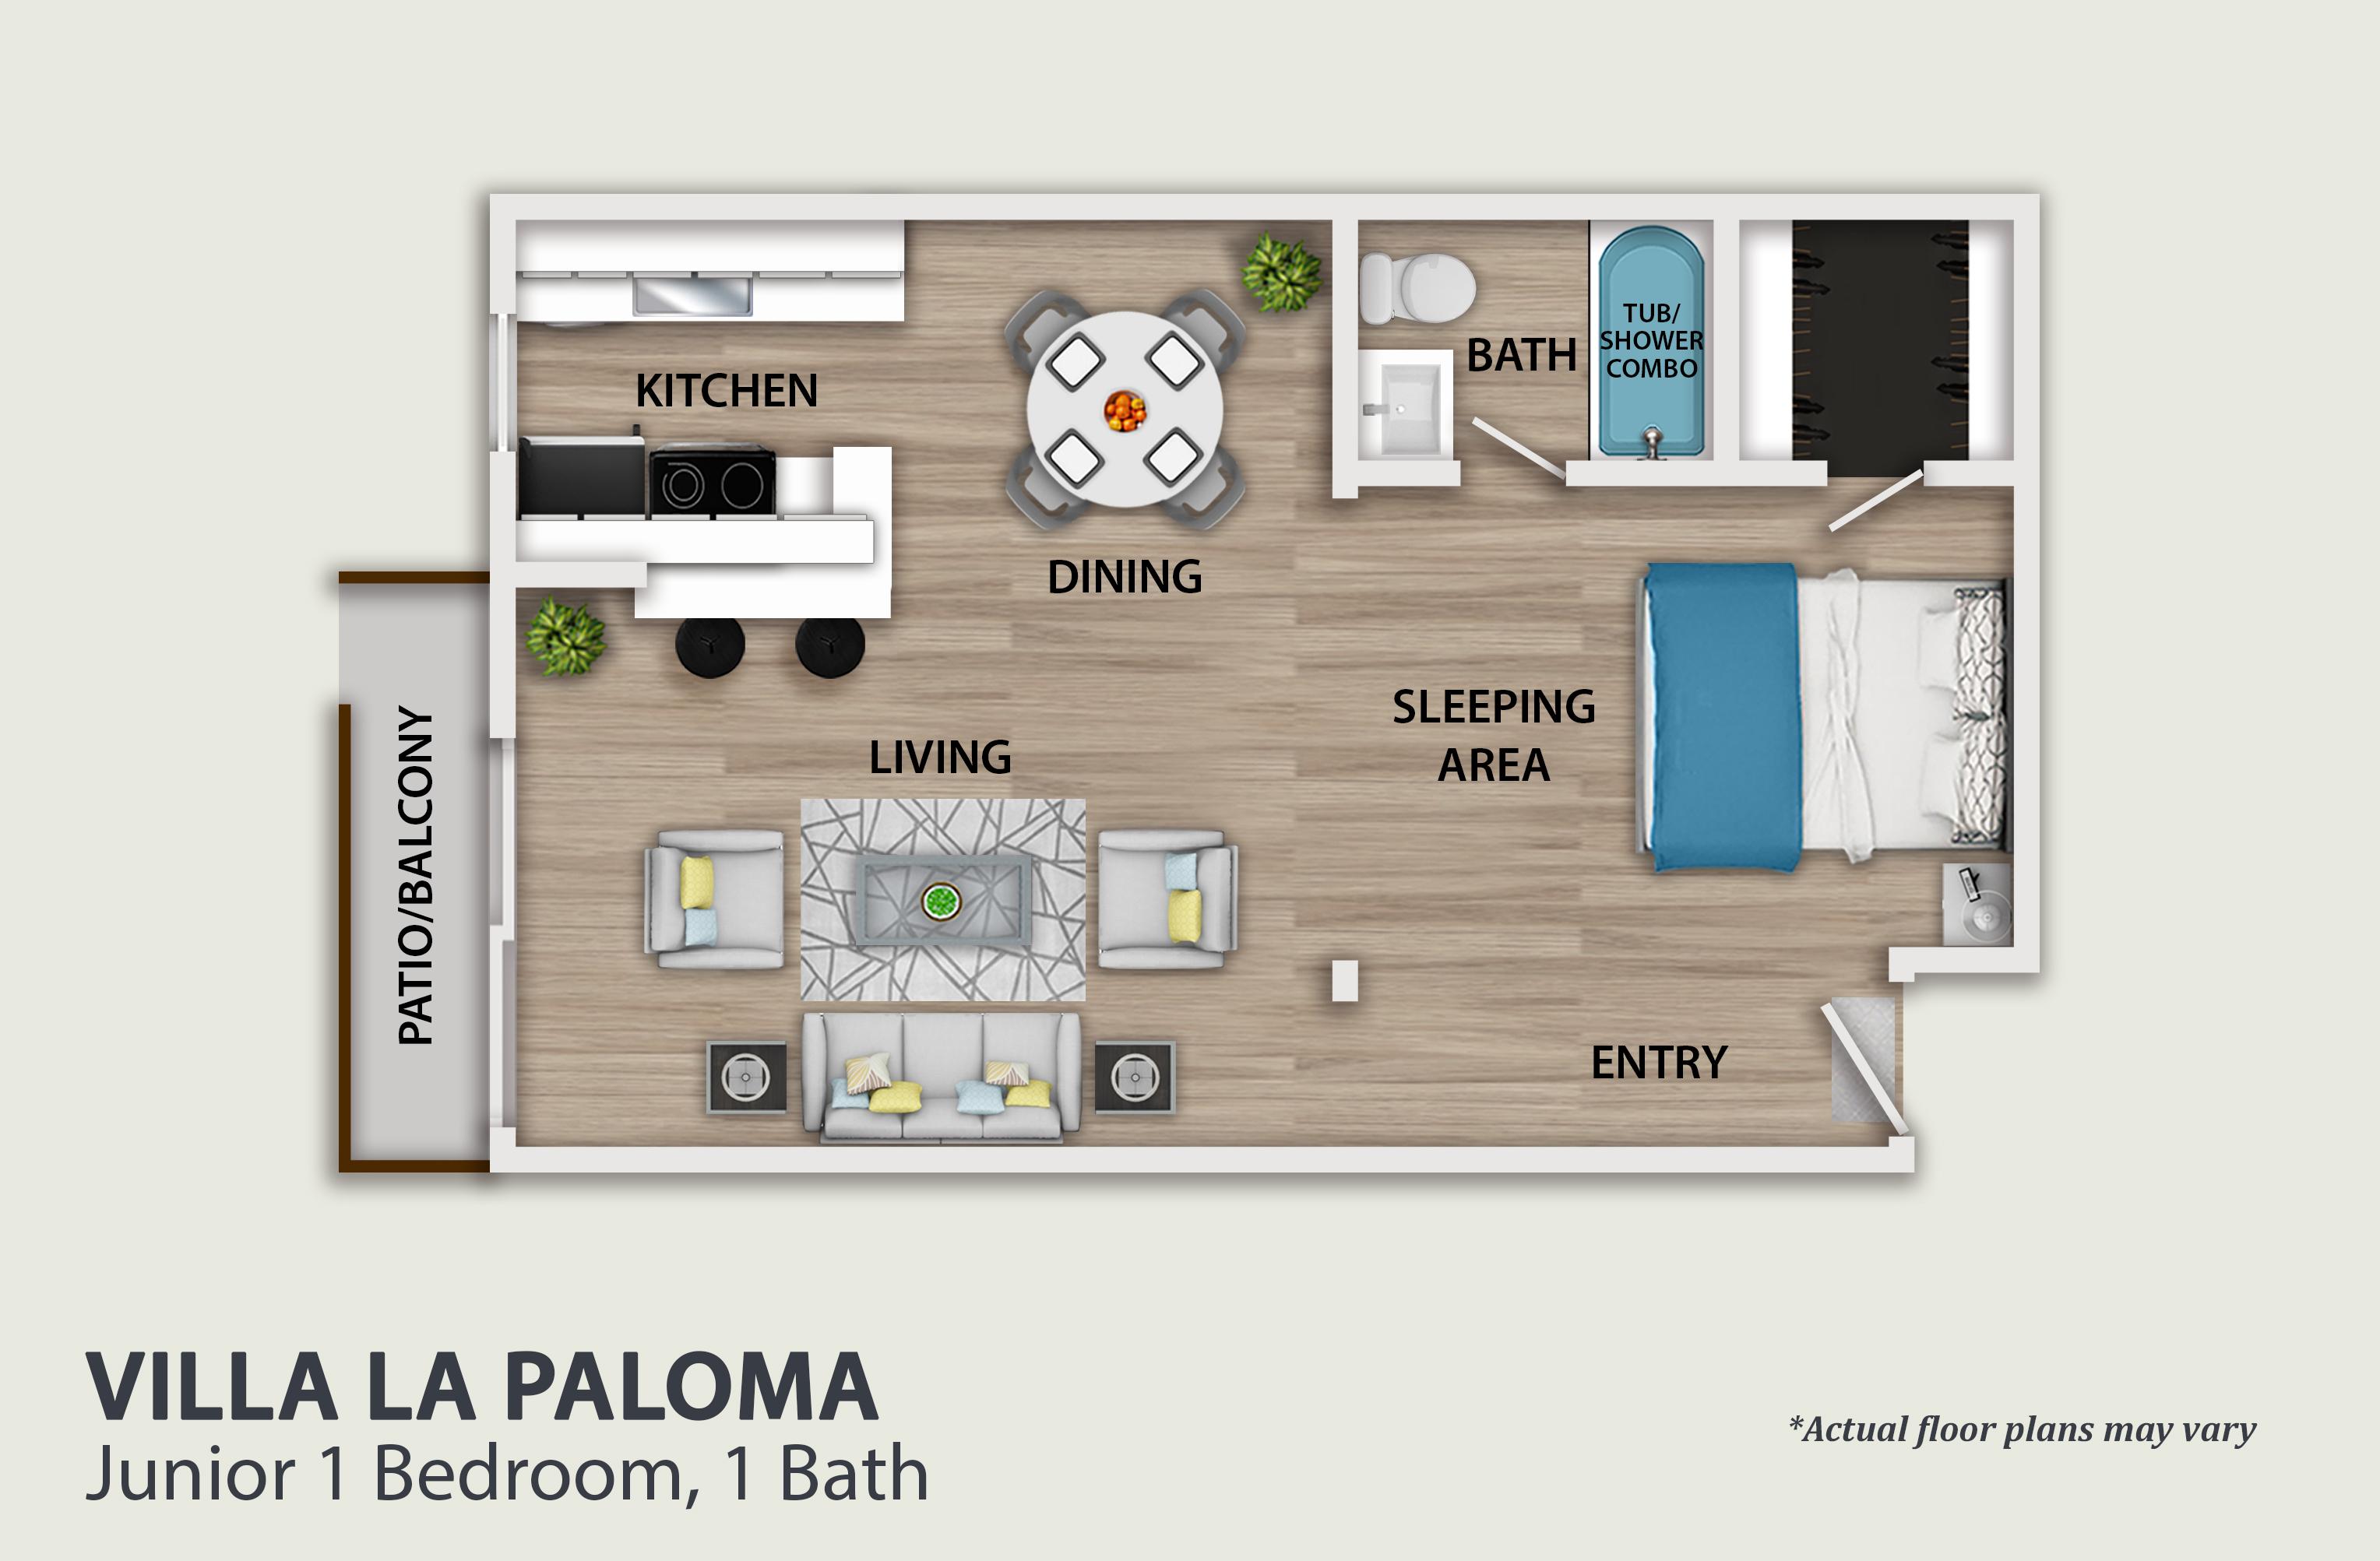 Villa La Paloma